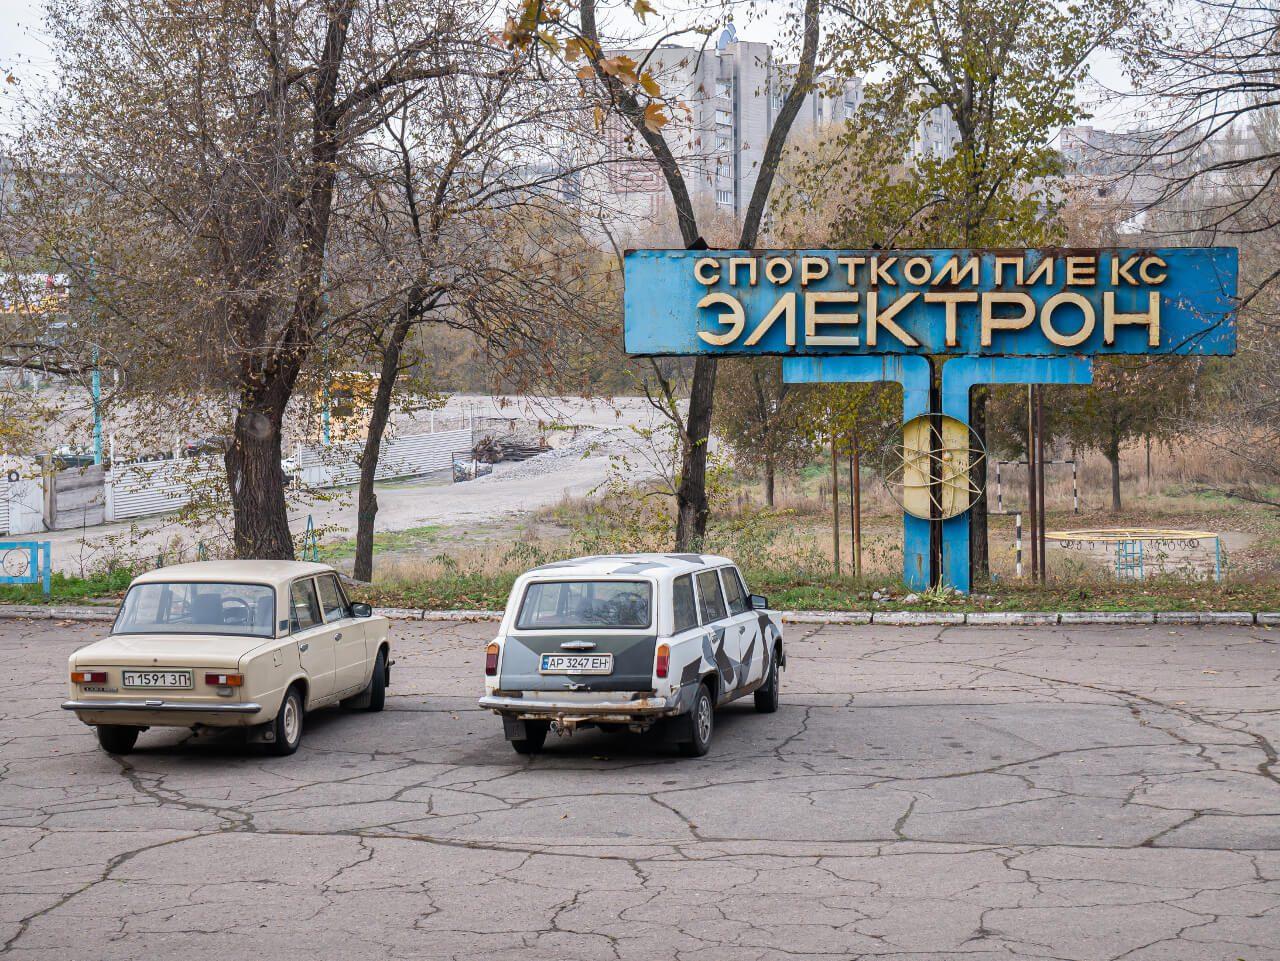 Sportkompleks Elektron Zaporoże